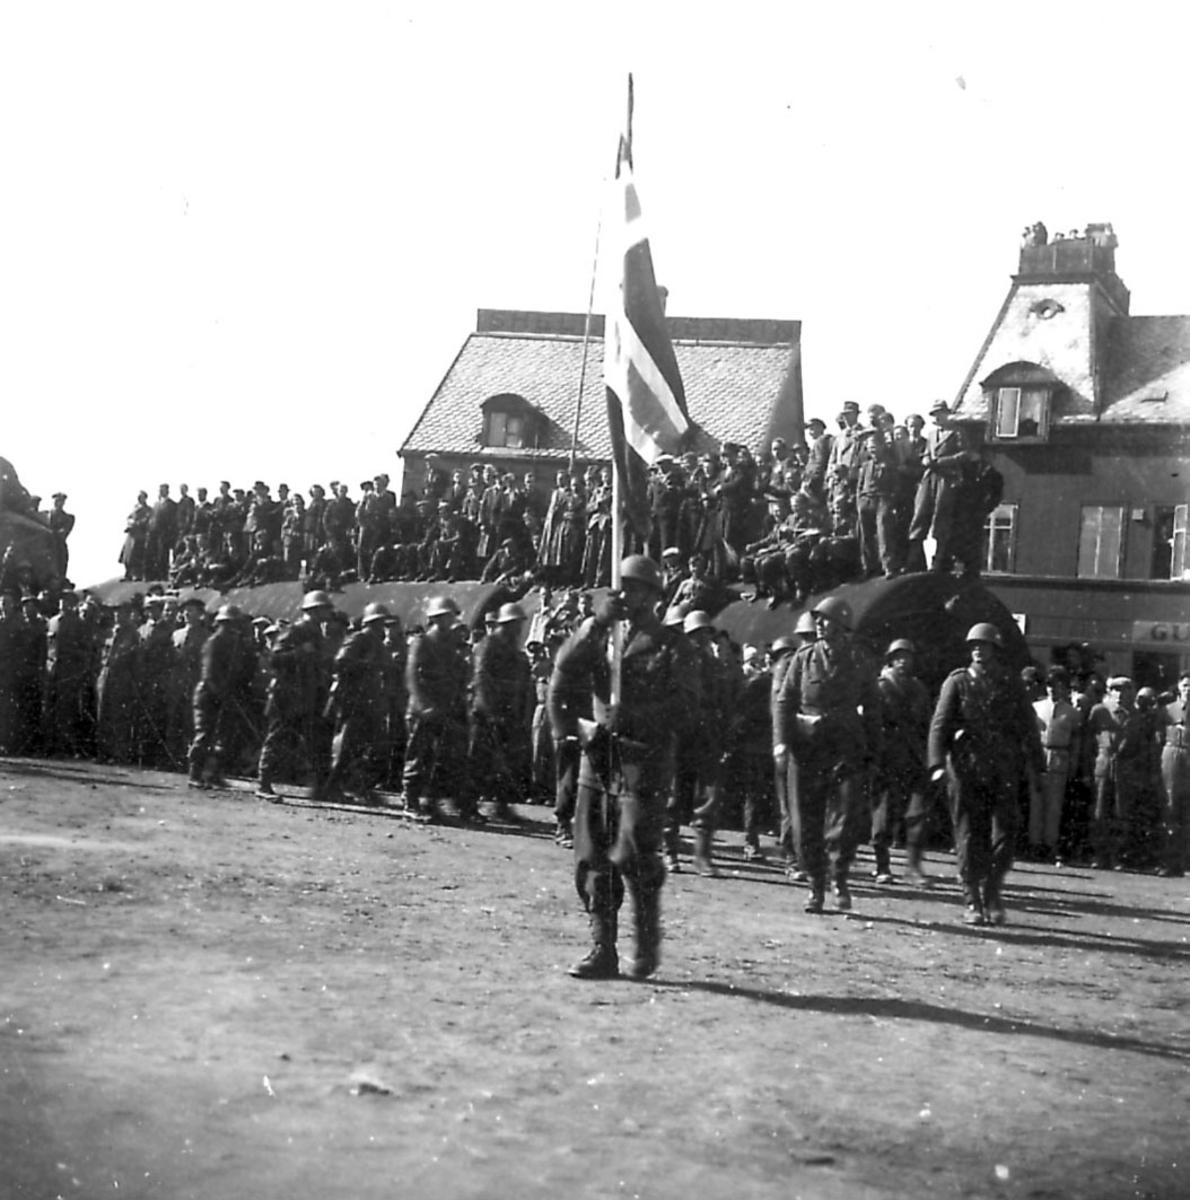 """Frigjøringsdagene i Bodø etter krigen 1940 - 1945. Fra kaiområdet, stor sylinderformet """"tank"""" foran noen bygninger. Mange personer samlet på tanken. En gruppe soldater oppstilt foran."""